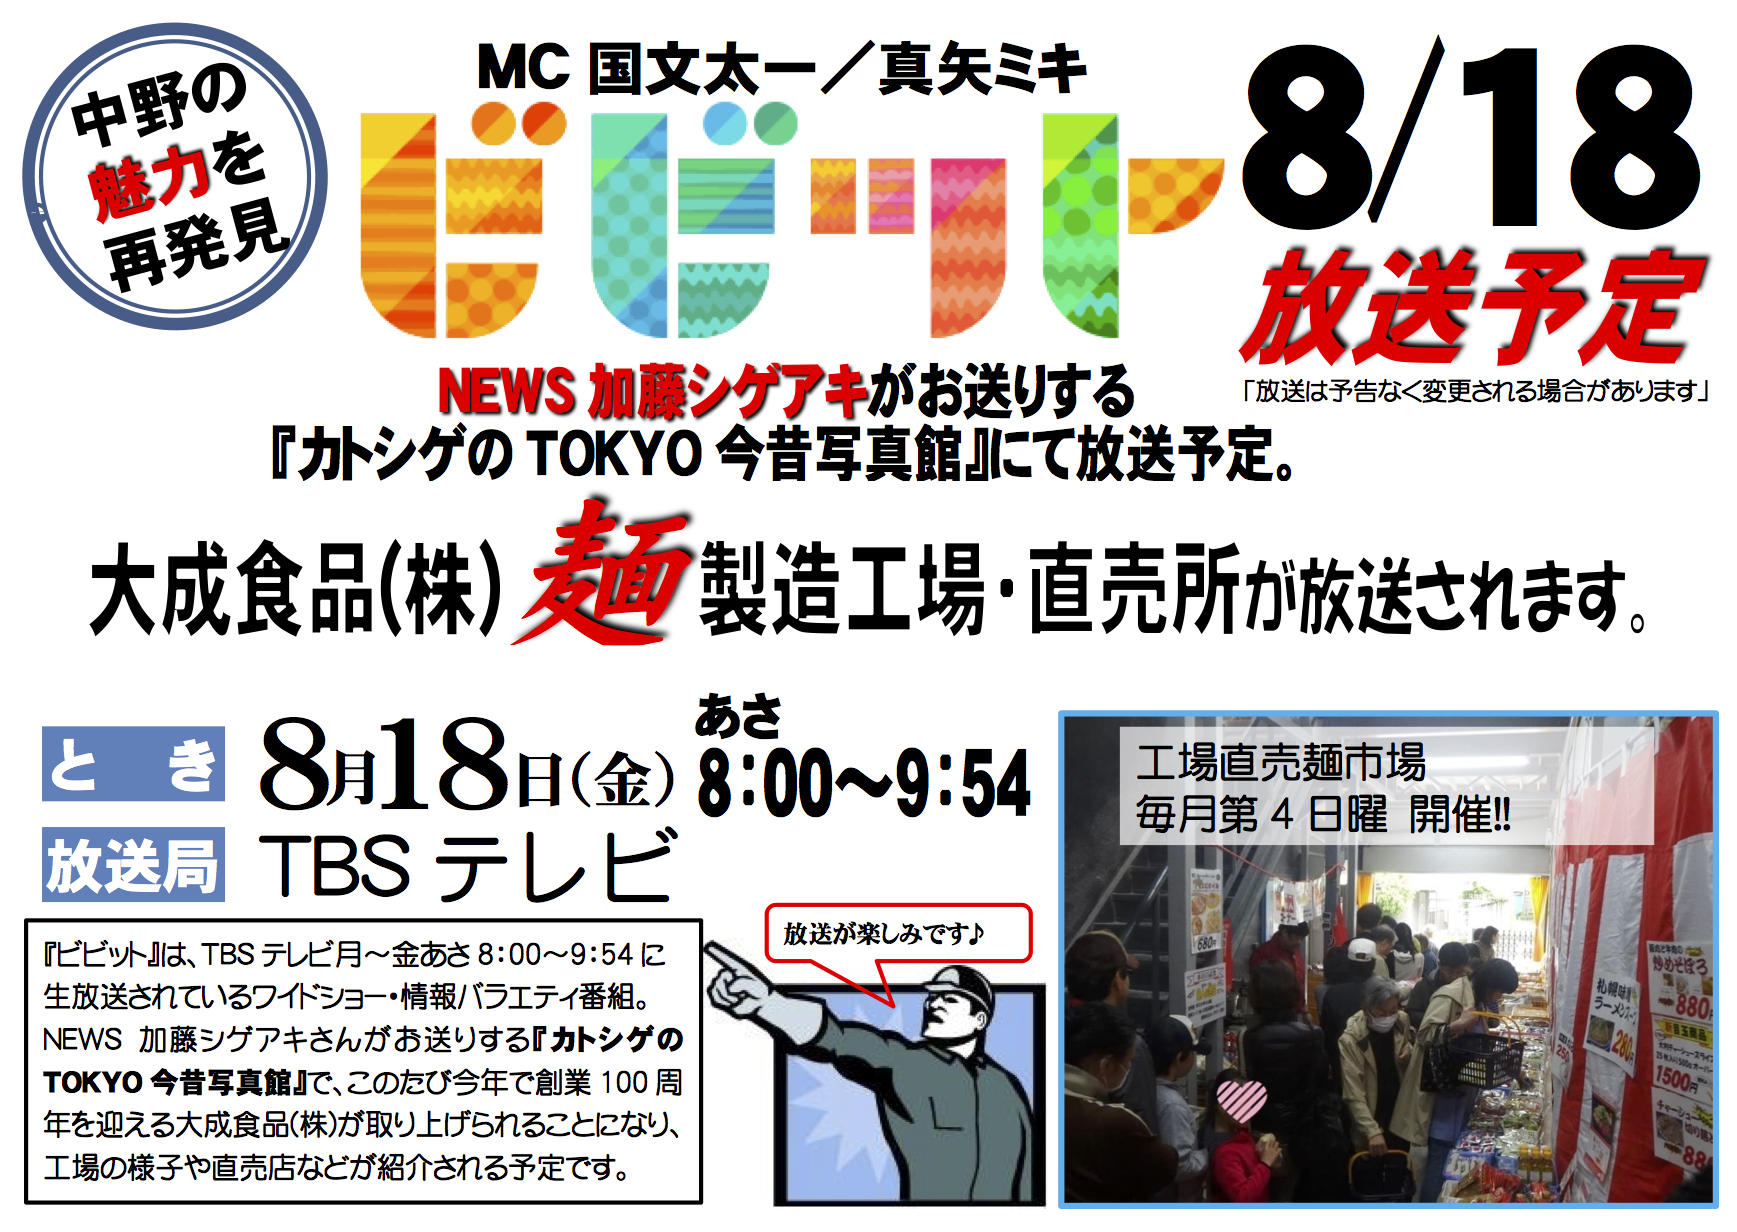 TBS「ビビット」で工場直売大成麺市場が紹介されました